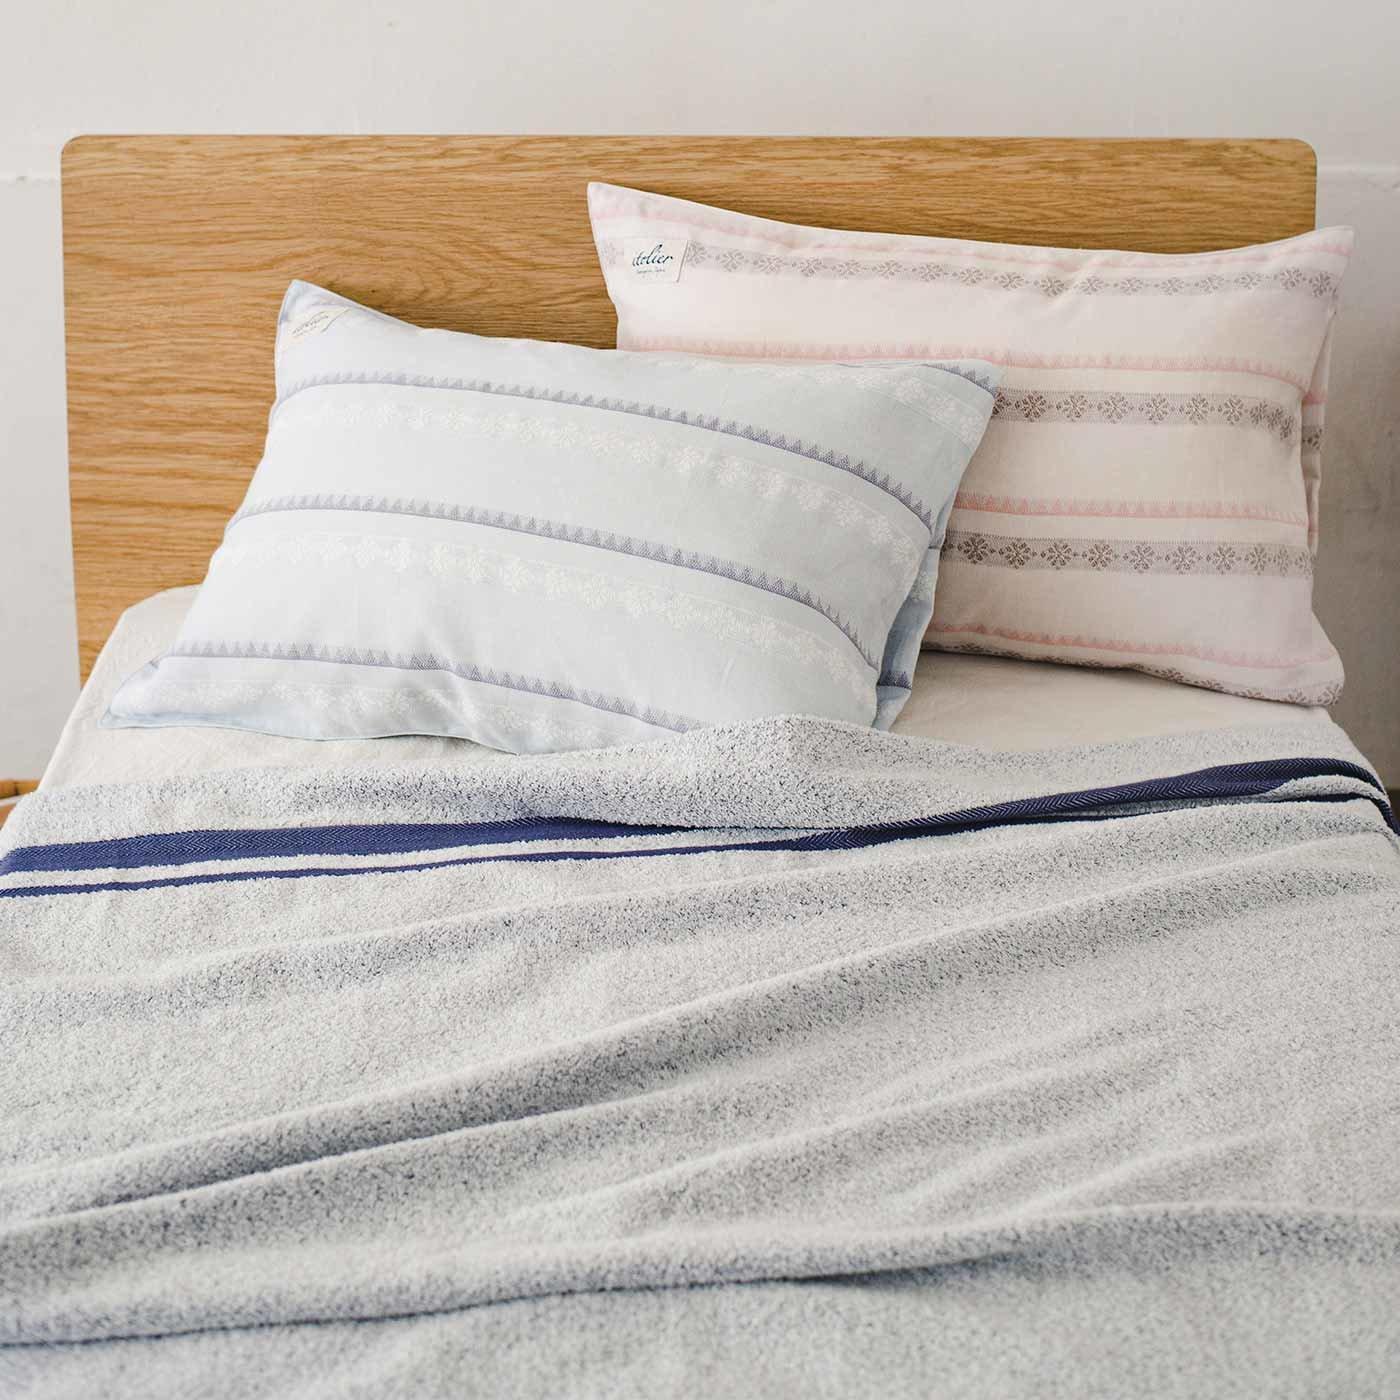 イトリエ 綿100%ダブルガーゼのジャカード織り枕カバー